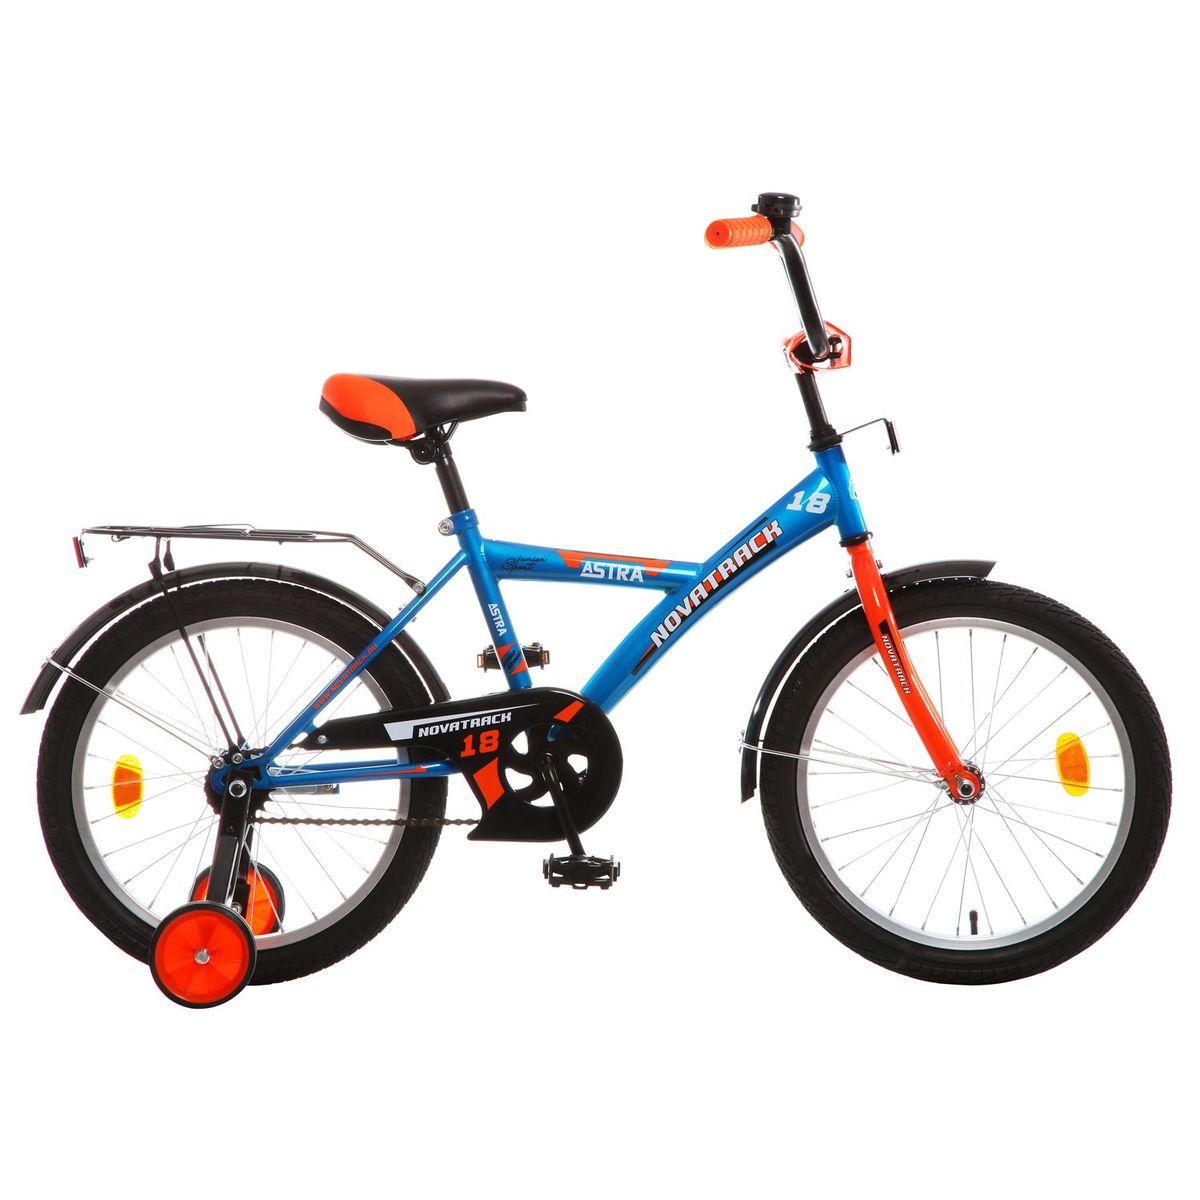 Велосипед детский Novatrack Astra 18, цвет: синий183ASTRA.BL5Хотите, чтобы ваш ребенок играя укреплял здоровье? Тогда ему нужен удобный и надежный велосипед Novatrack Astra 18'', рассчитанный на ребят 6-9 лет. Одного взгляда ребенка хватит, чтобы раз и навсегда влюбиться в свой новенький двухколесный транспорт. Дополнительную устойчивость железному «коню» обеспечивают два маленьких съемных колеса в цвет велосипеда. Astra собрана на базе рамы с универсальной геометрией, которая позволяет легко взобраться или слезть с велосипеда, при этом он имеет такой вес, что ребенок сам легко справляется со своим транспортным средством. Еще один элемент безопасности – это защита цепи, которая оберегает одежду и ноги ребенка от попадания в механизм. Стильные крылья защитят от грязи и брызг, а на багажнике ребенок сможет перевозить массу полезных в дороге вещей. Данная модель маневренна и легко управляется, поэтому ребенку будет несложно и интересно учиться езде.